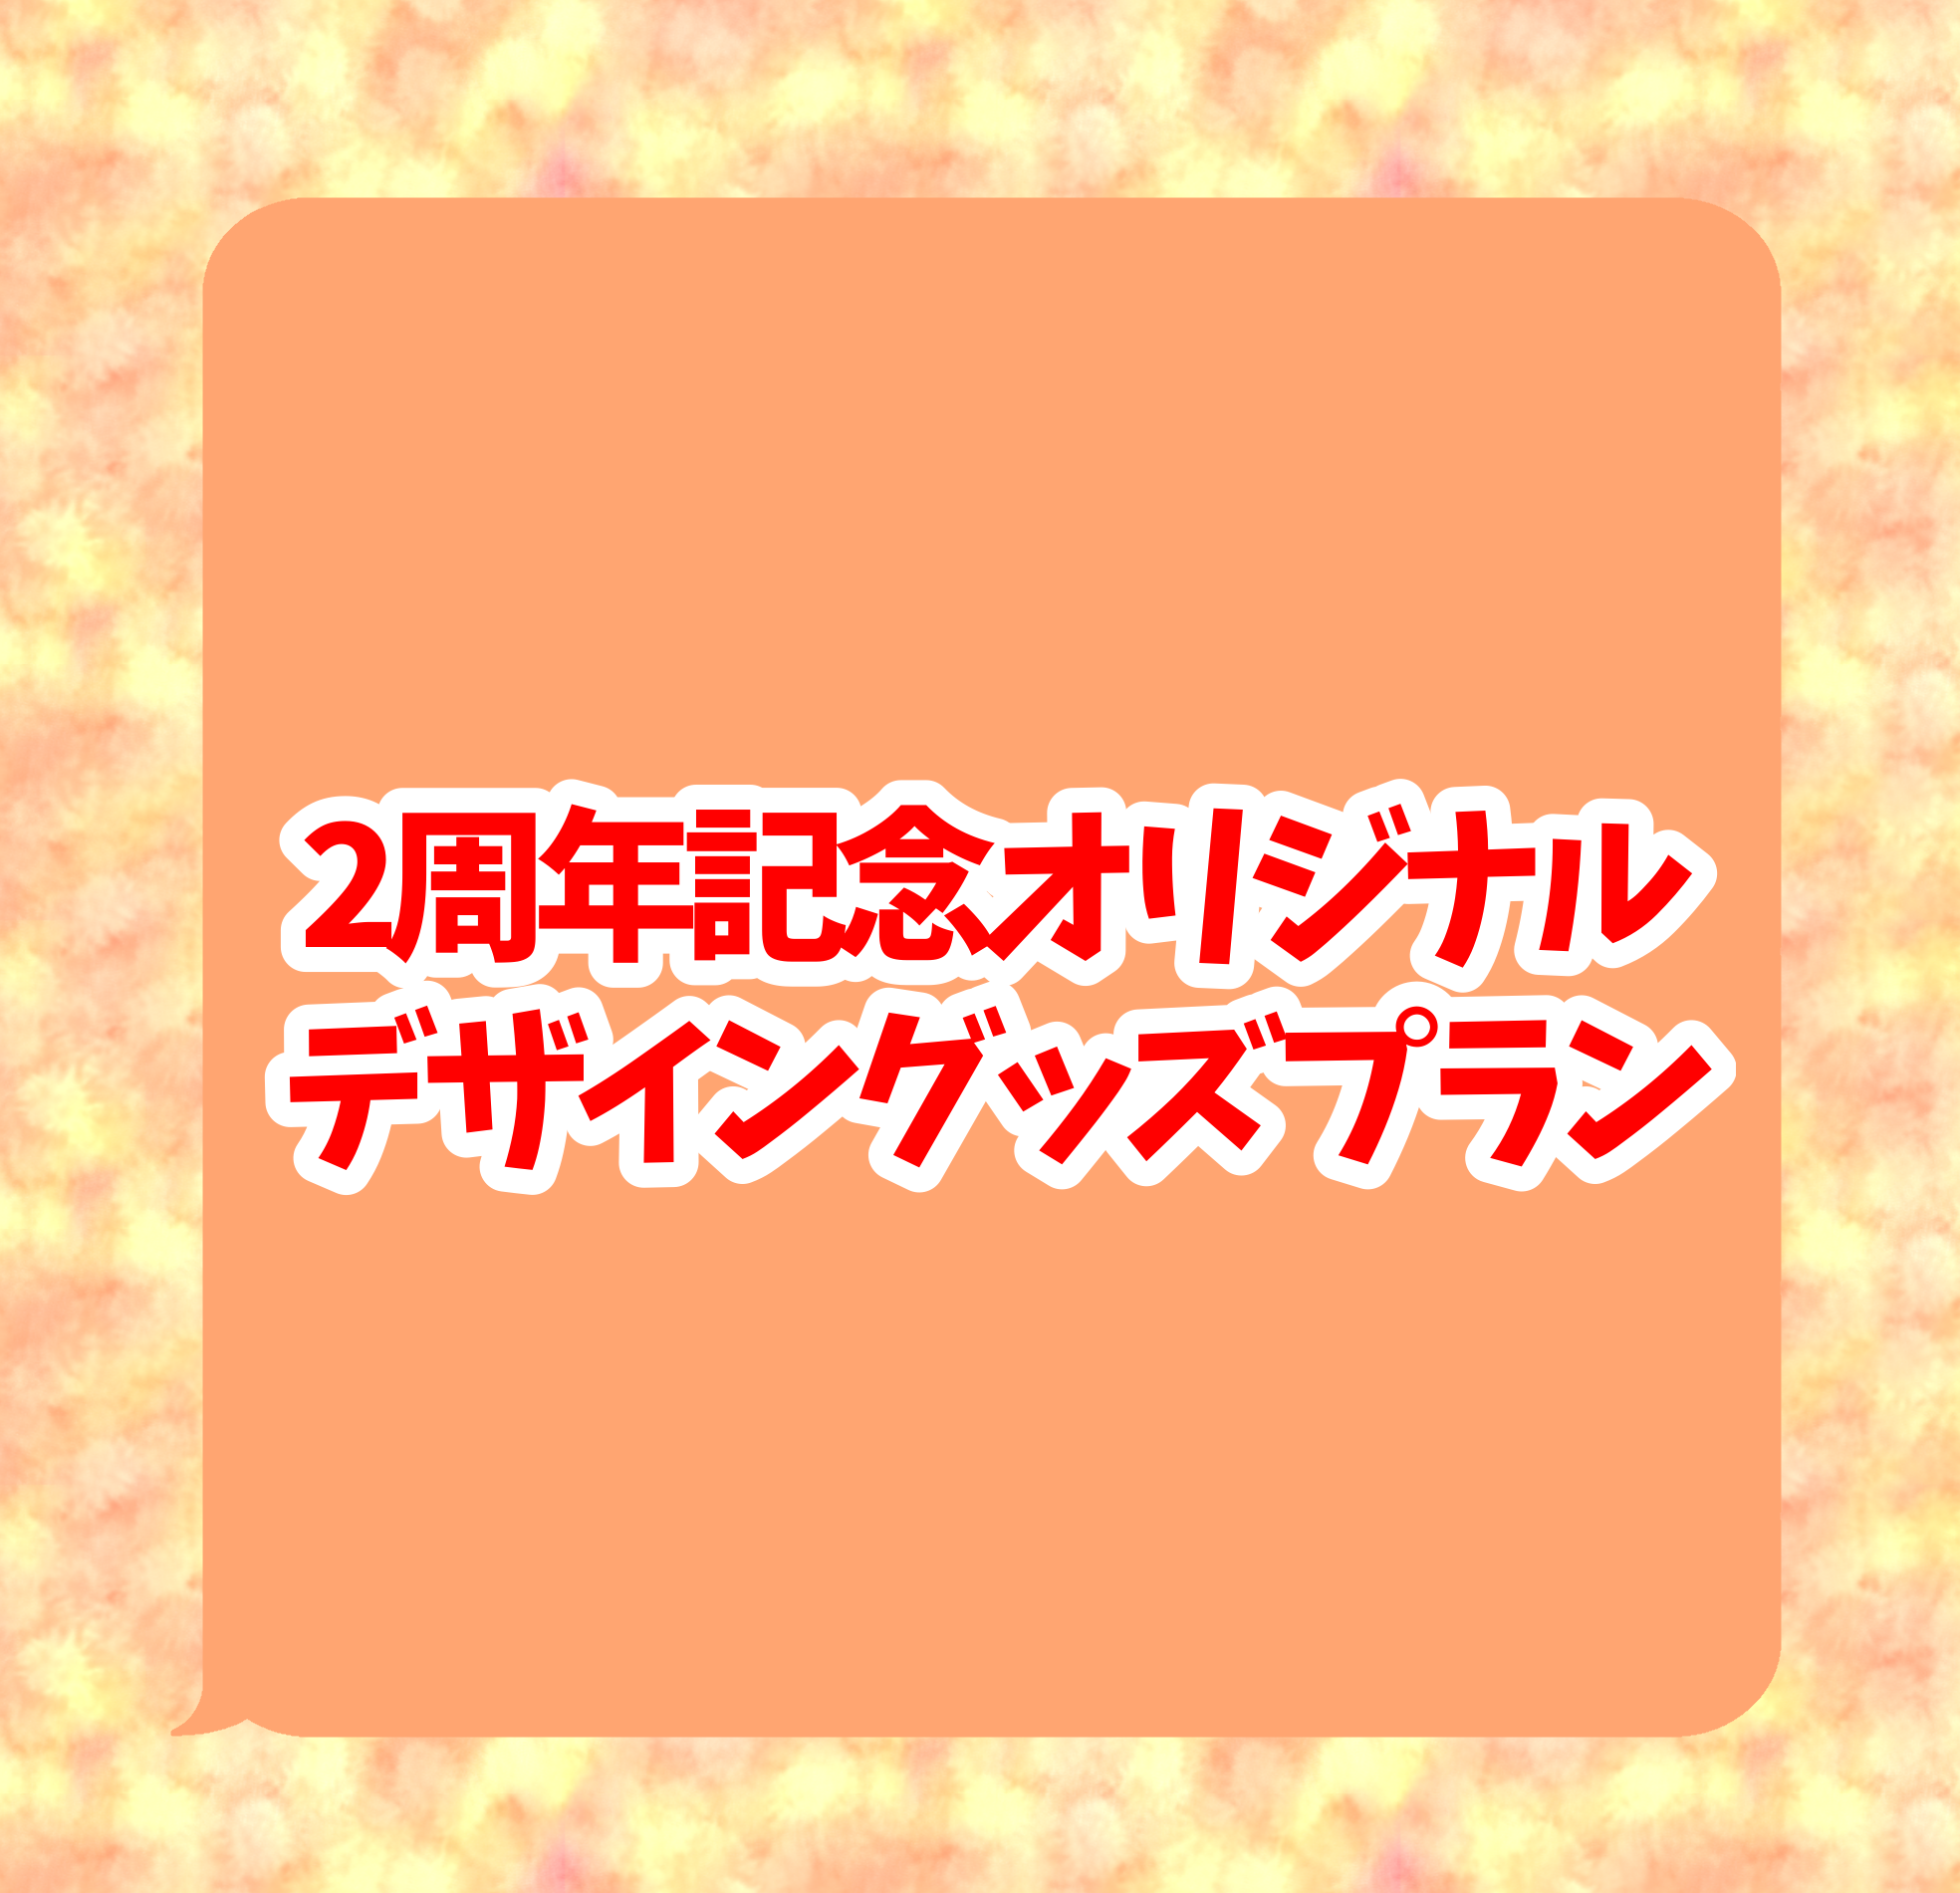 <2周年記念オリジナルデザイングッズプラン>